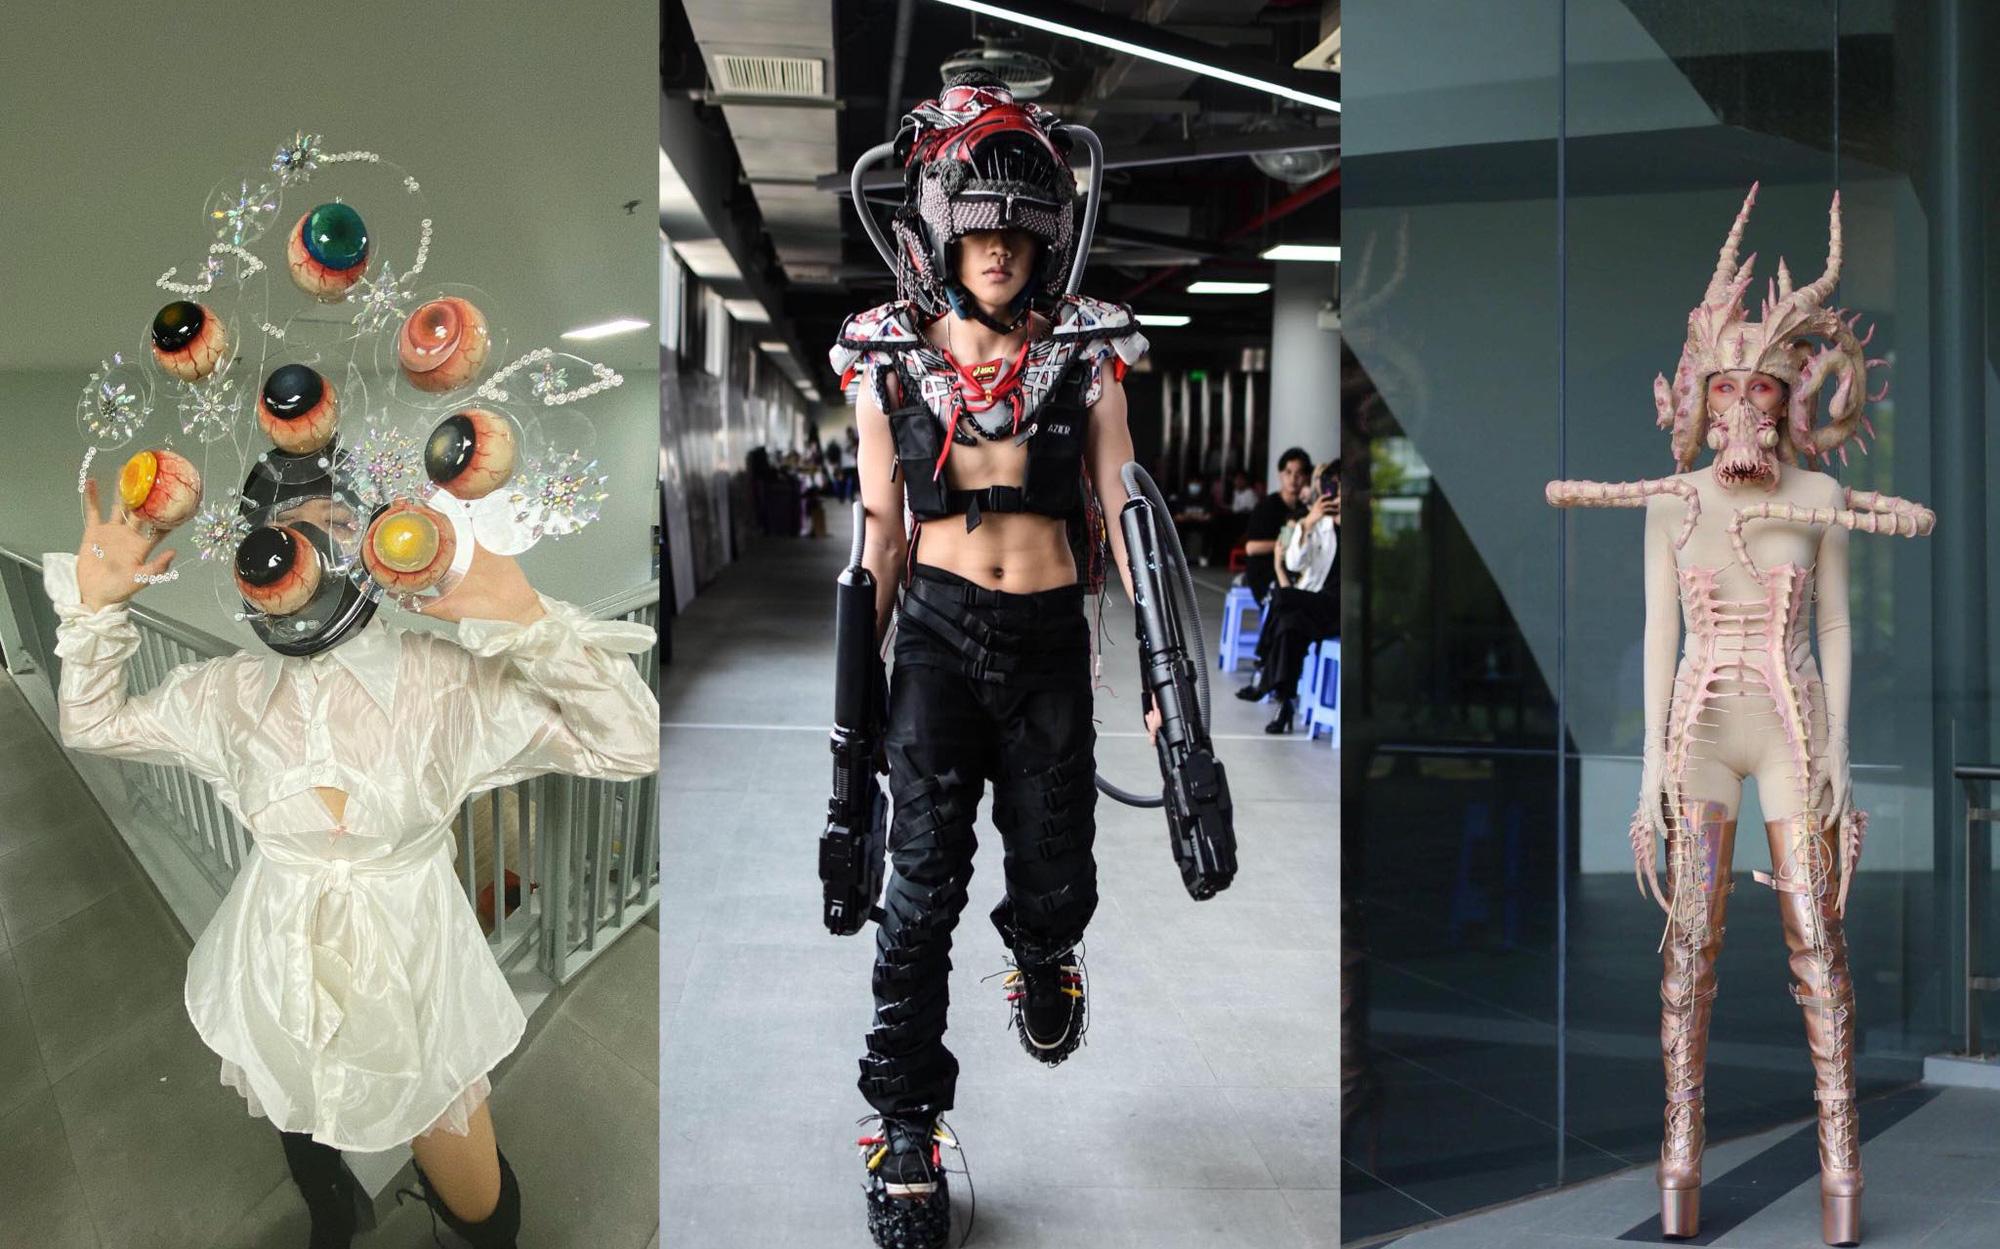 Đồ án cuối kỳ của sinh viên thời trang khiến dân mạng trầm trồ: Đến các nhà thiết kế lớn cũng phải ngậm ngùi nể phục